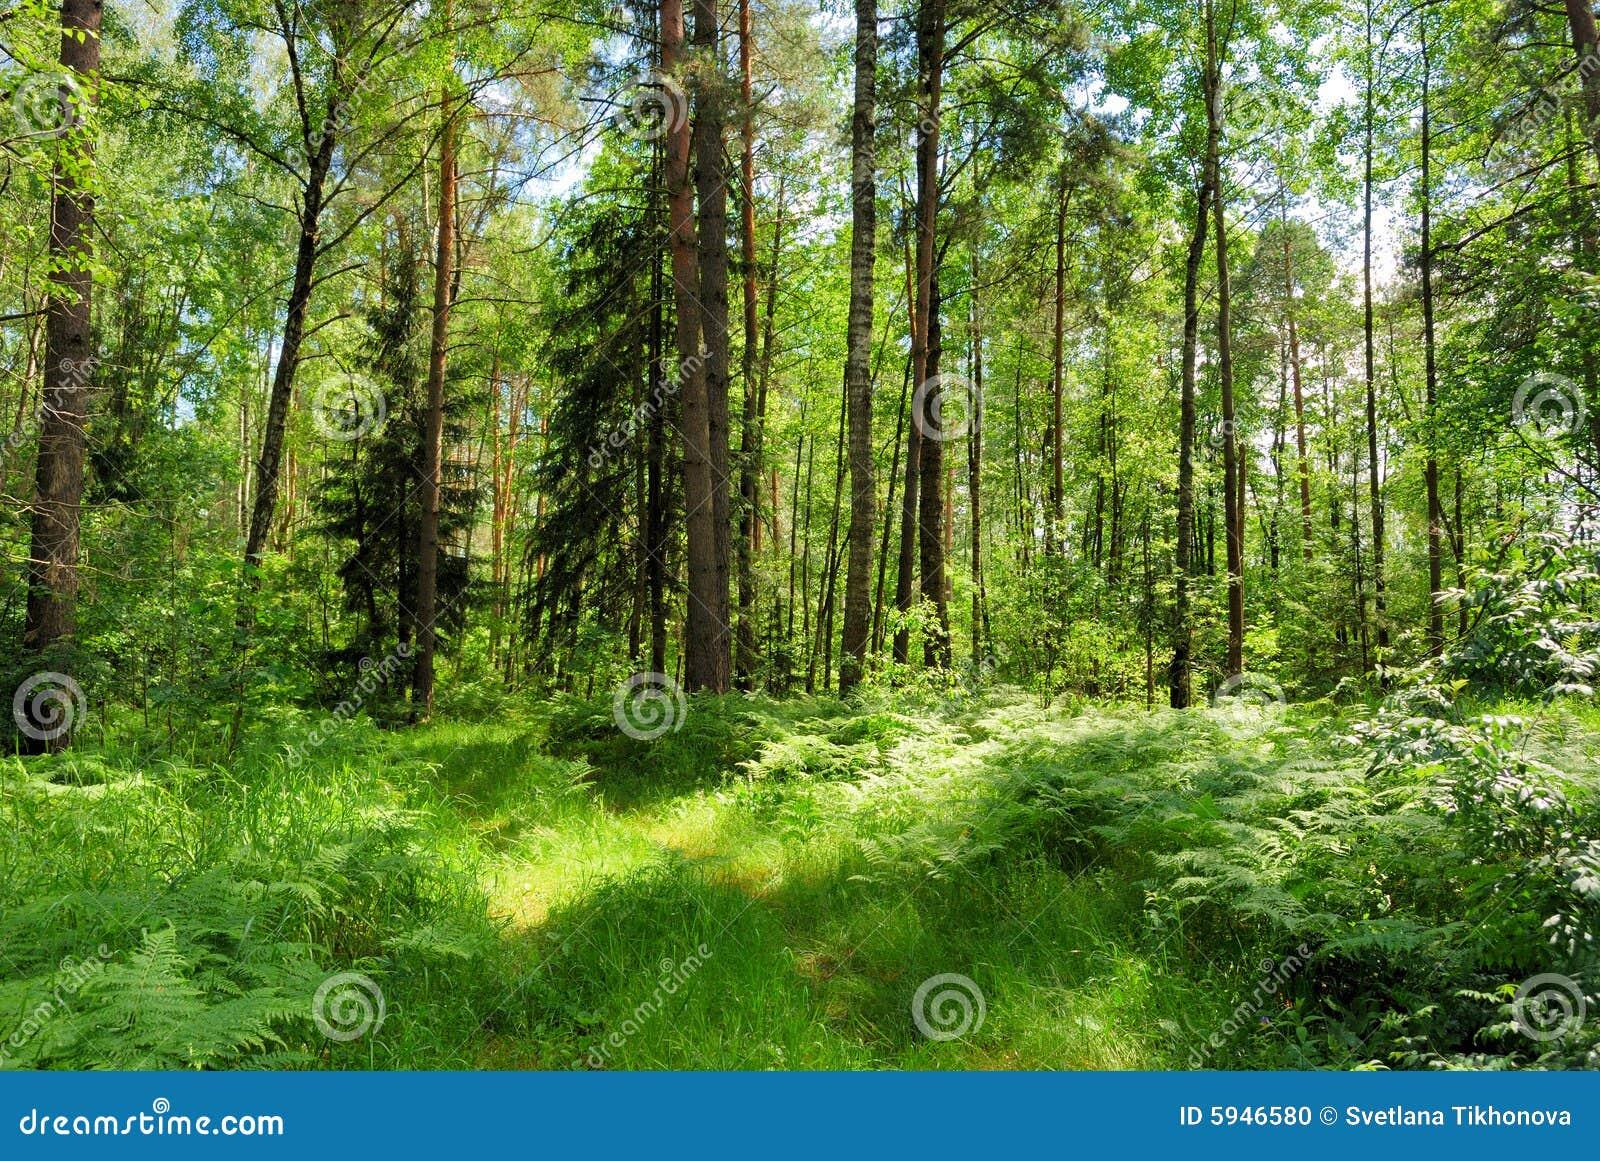 夏季森林图片大全展示